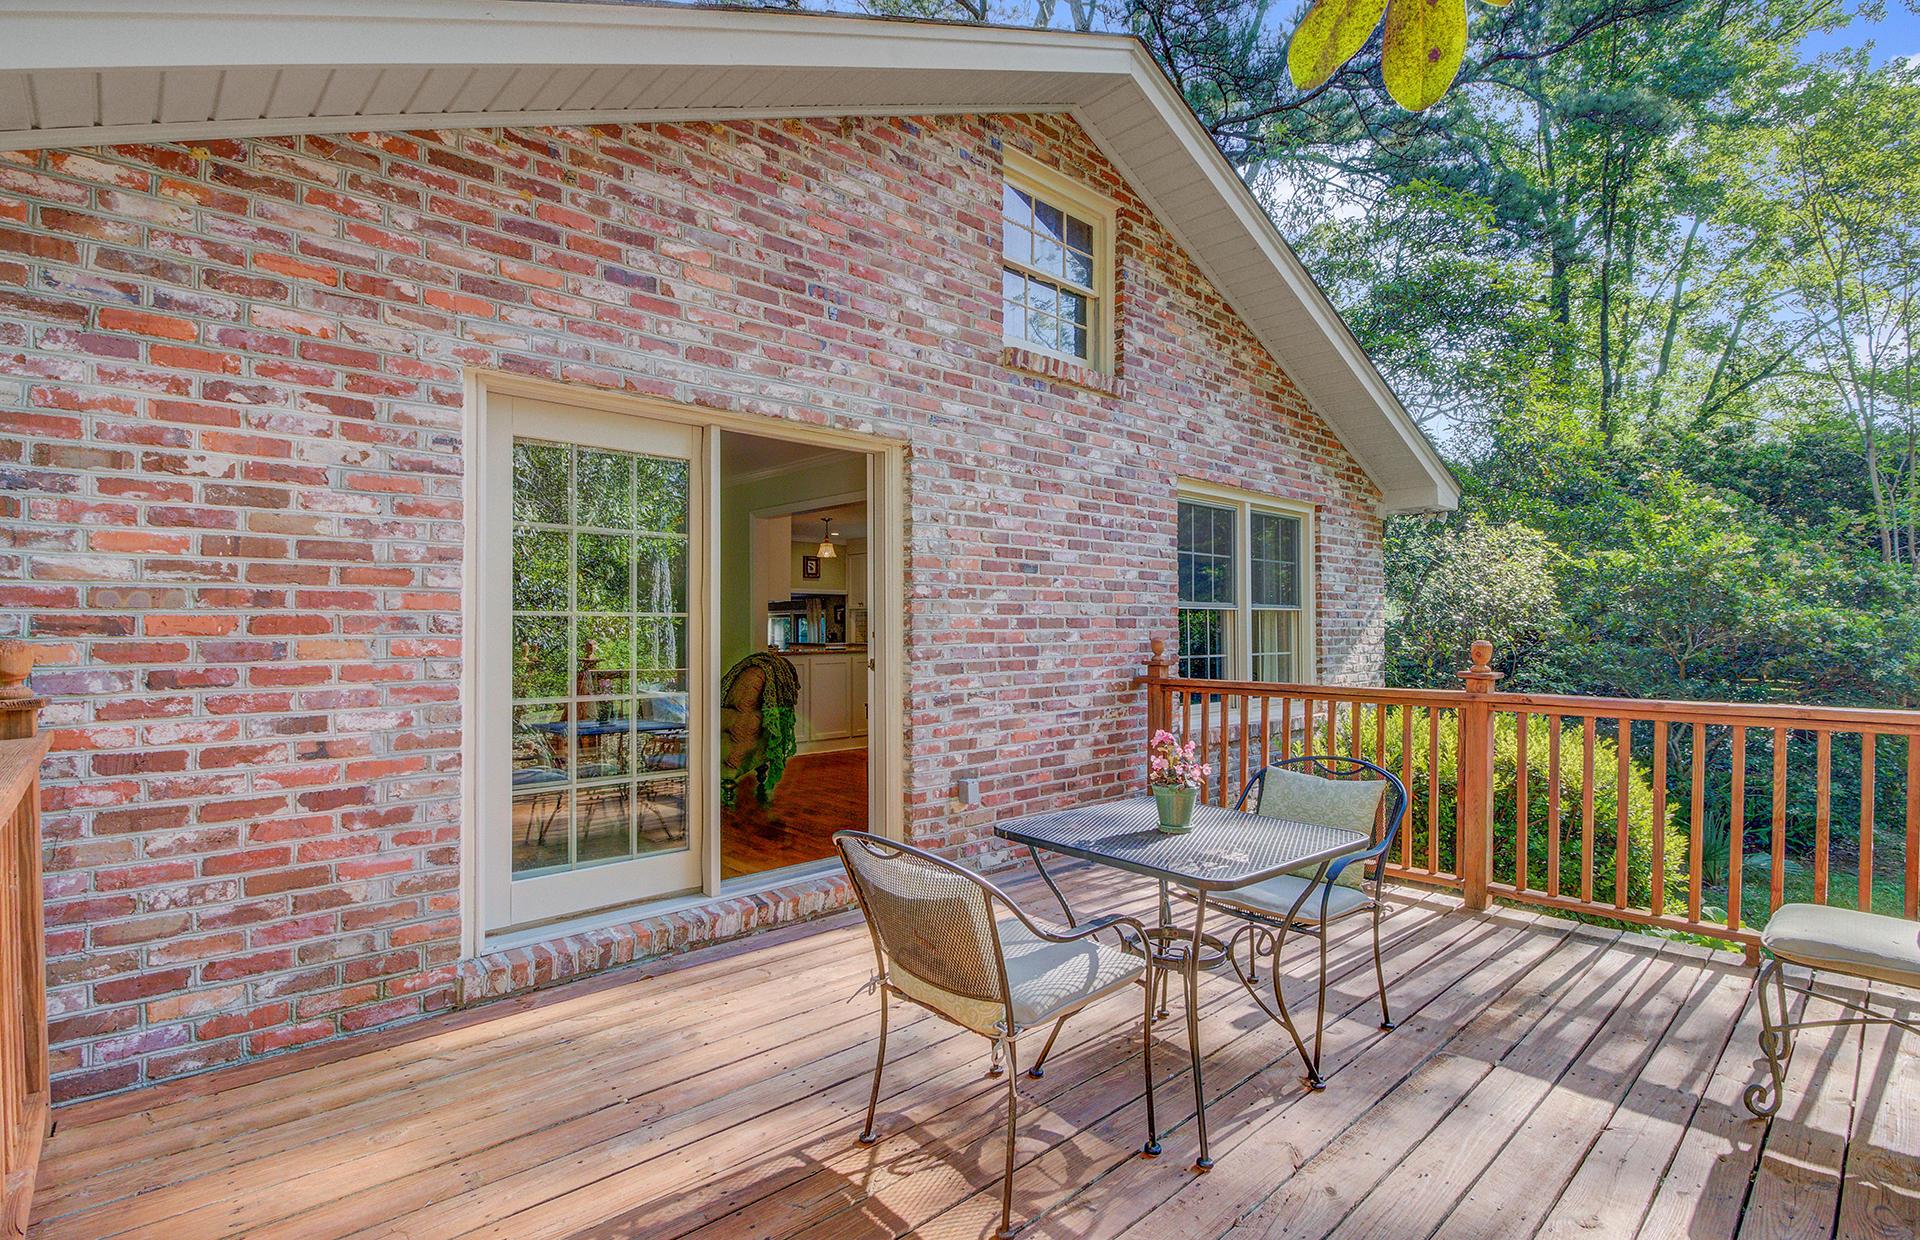 Pine Forest Inn Homes For Sale - 543 Simmons, Summerville, SC - 42